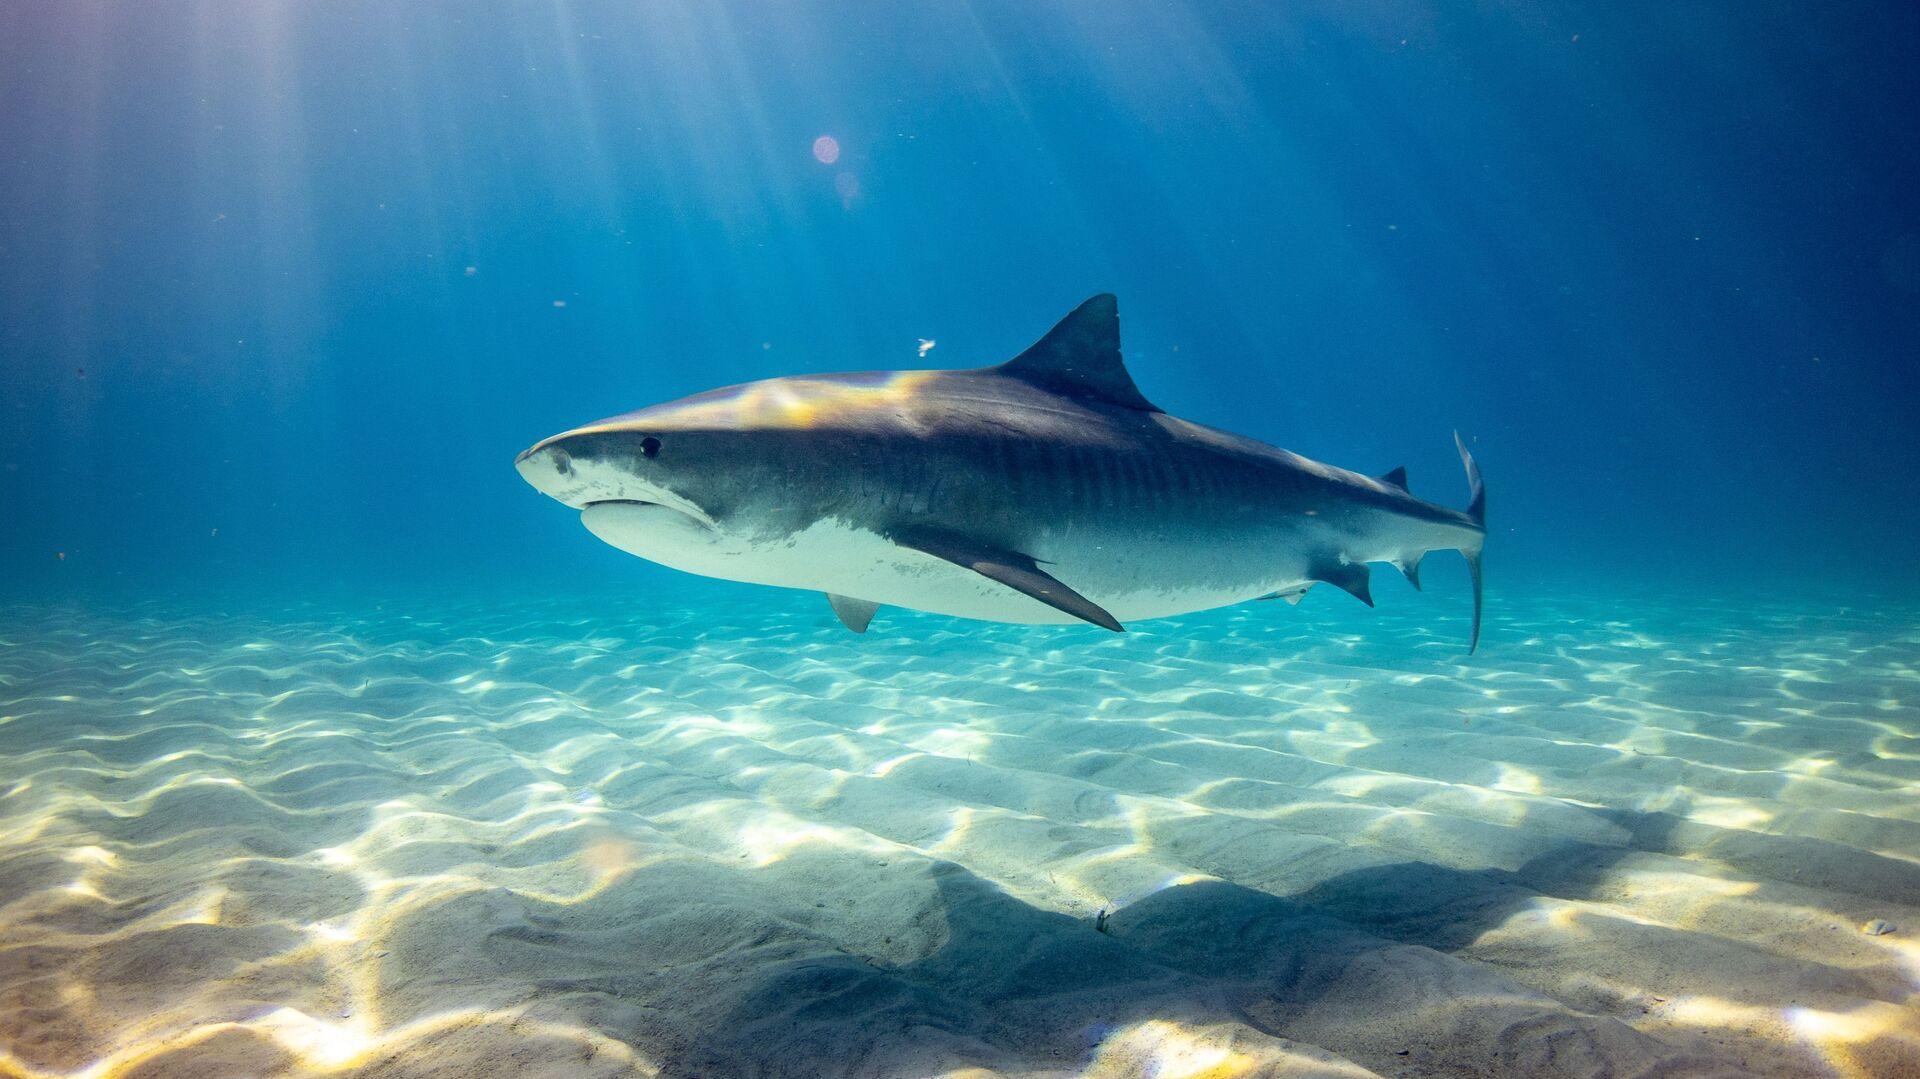 Un tiburón (imagen referencial) - Sputnik Mundo, 1920, 04.06.2021